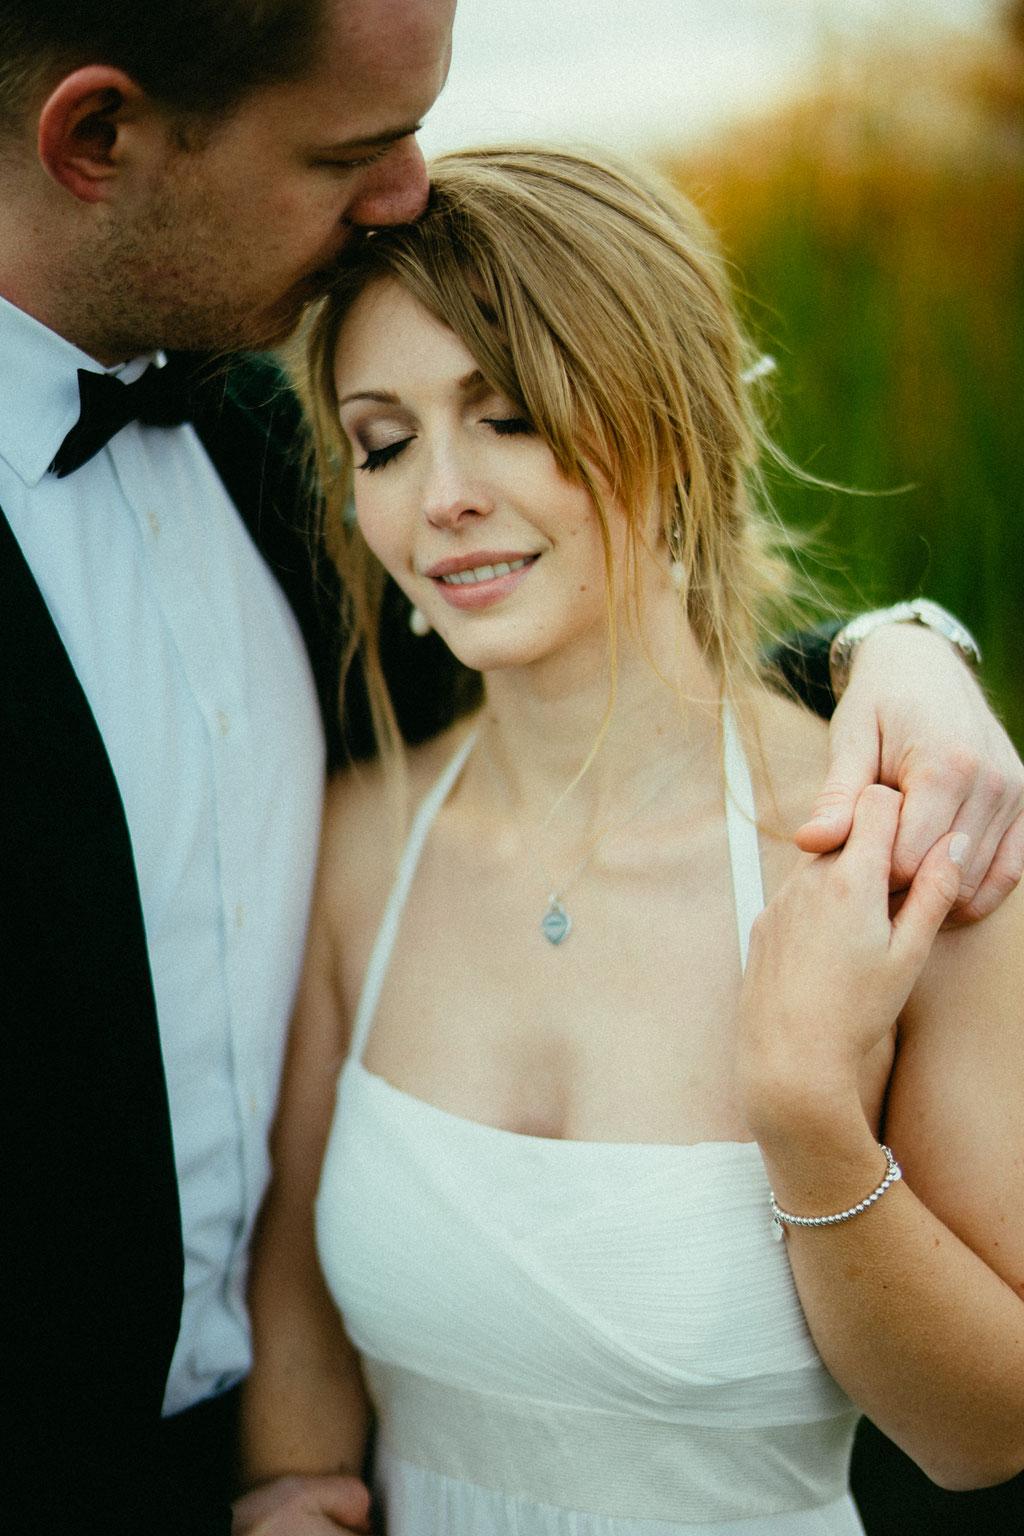 Hochzeitsfotografie Lollar Hochzeit Timo Barwitzki Paar Kuss Abendsonne Licht Braut Hände